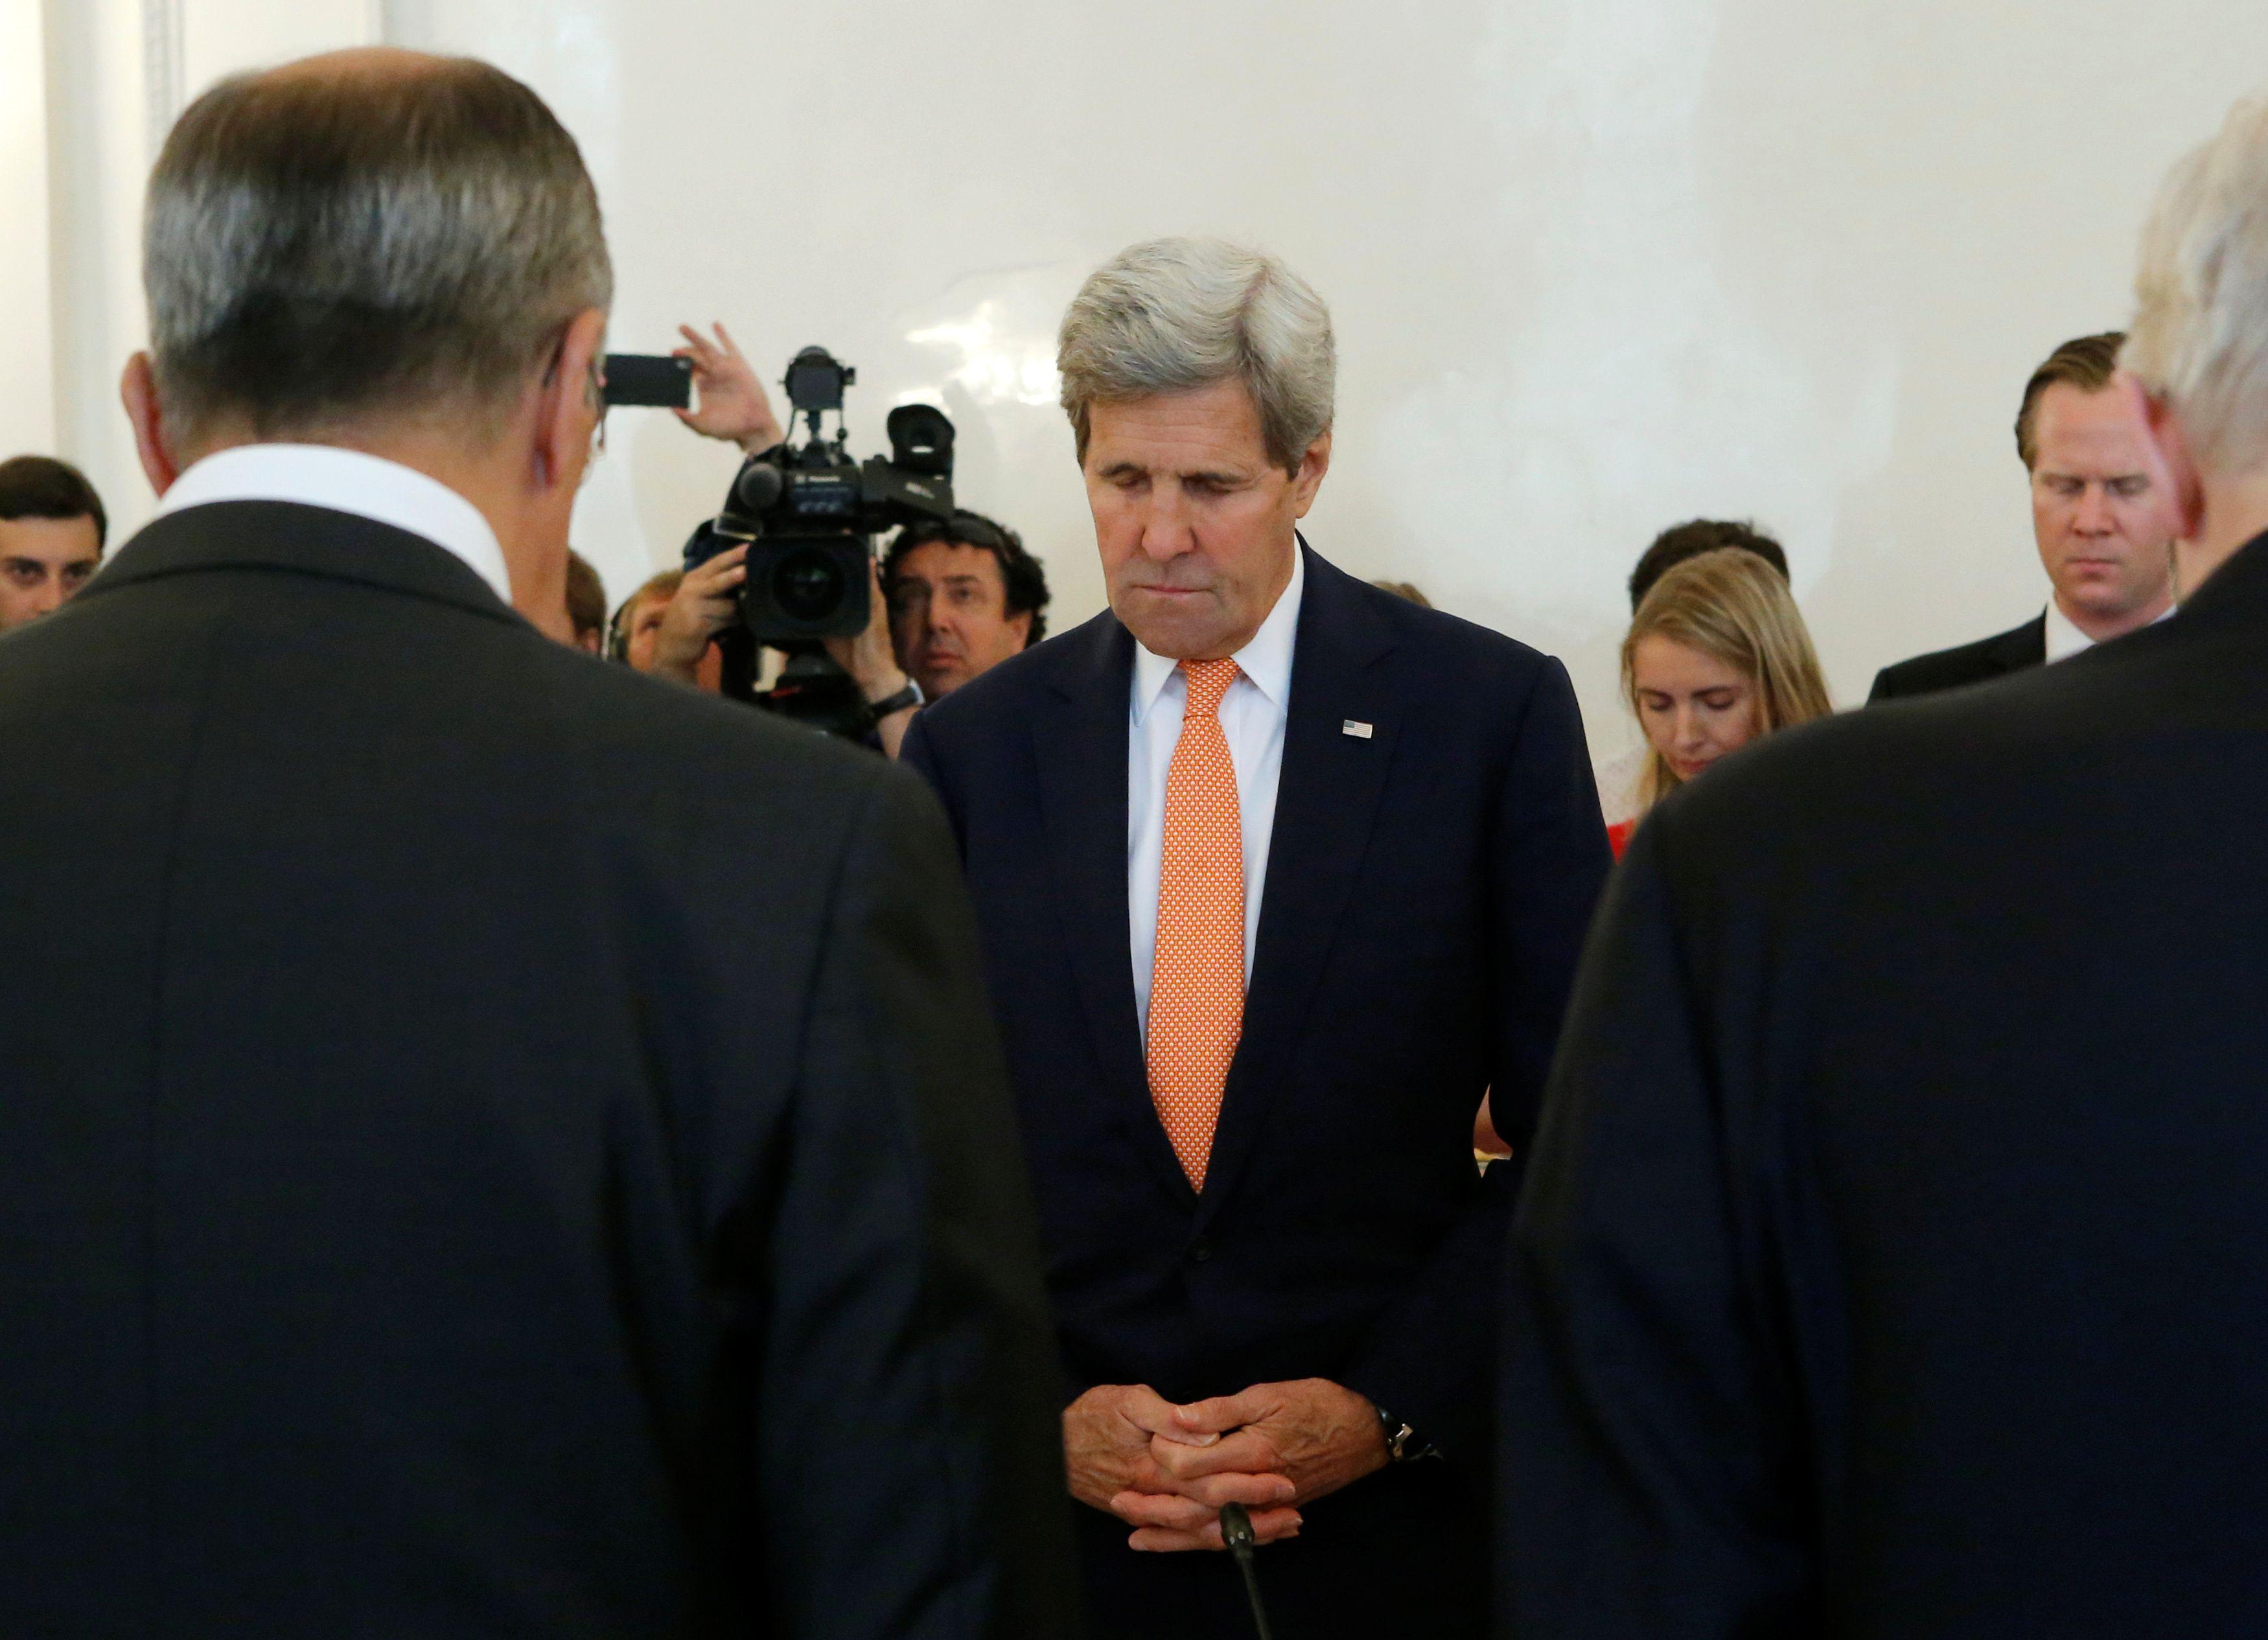 Le ministre russe des Affaires étrangères Sergueï Lavrov (g.) et le secrétaire d'État américain John Kerry (c.) observent un moment de silence pour les victimes d'attaque de Nice lors d'une réunion à Moscou, Russie, le 15 Juillet 2016.